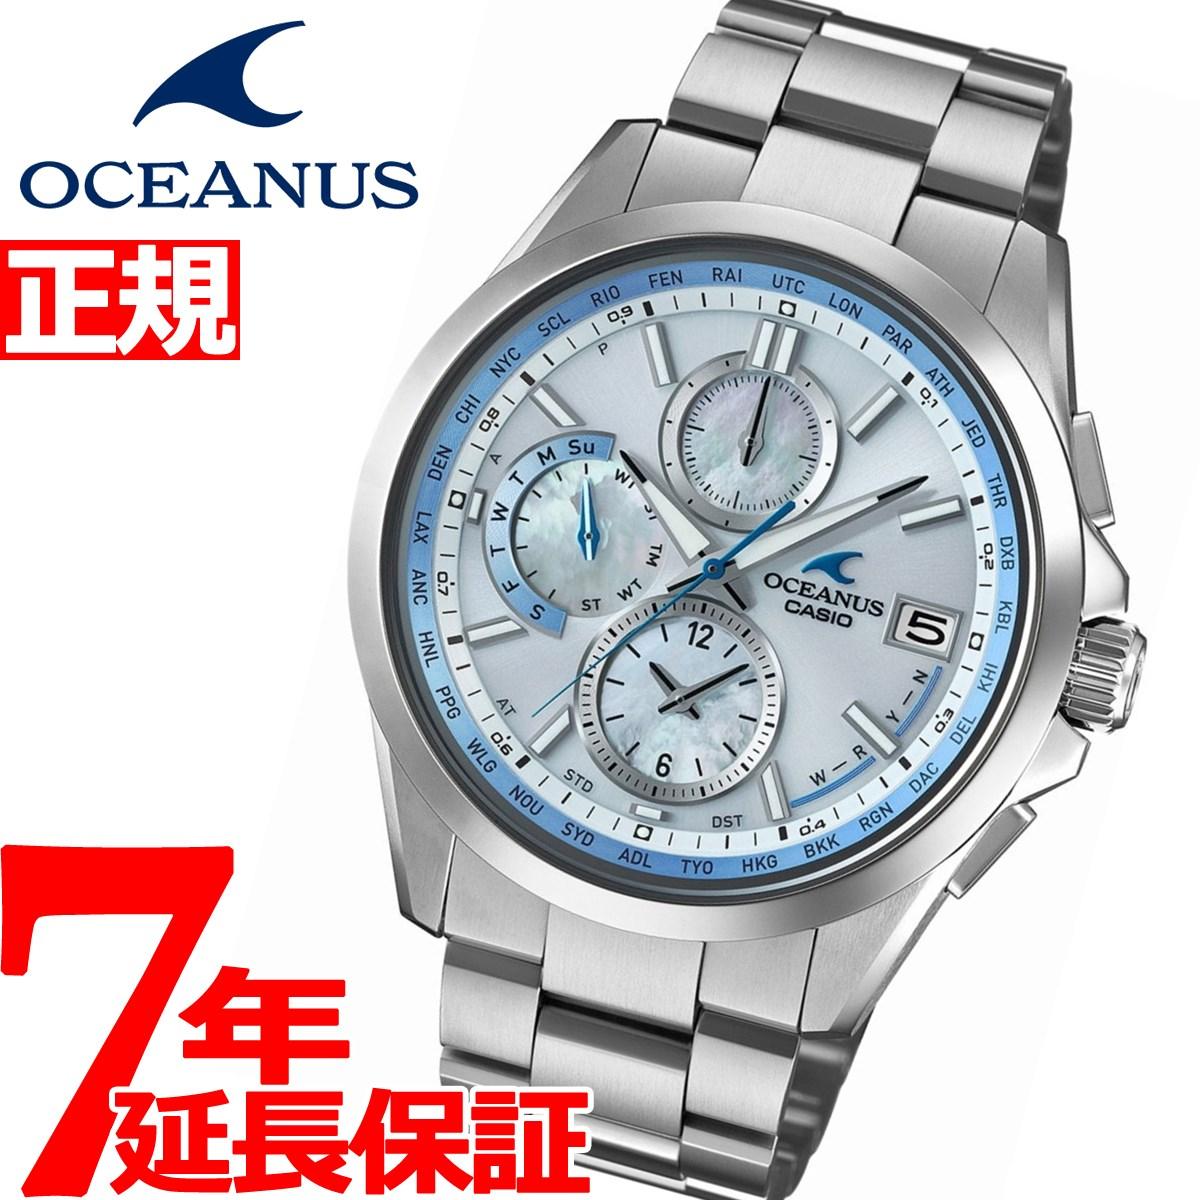 カシオ オシアナス CASIO OCEANUS Classic Line 電波 ソーラー 電波時計 腕時計 メンズ タフソーラー OCW-T2610H-7AJF